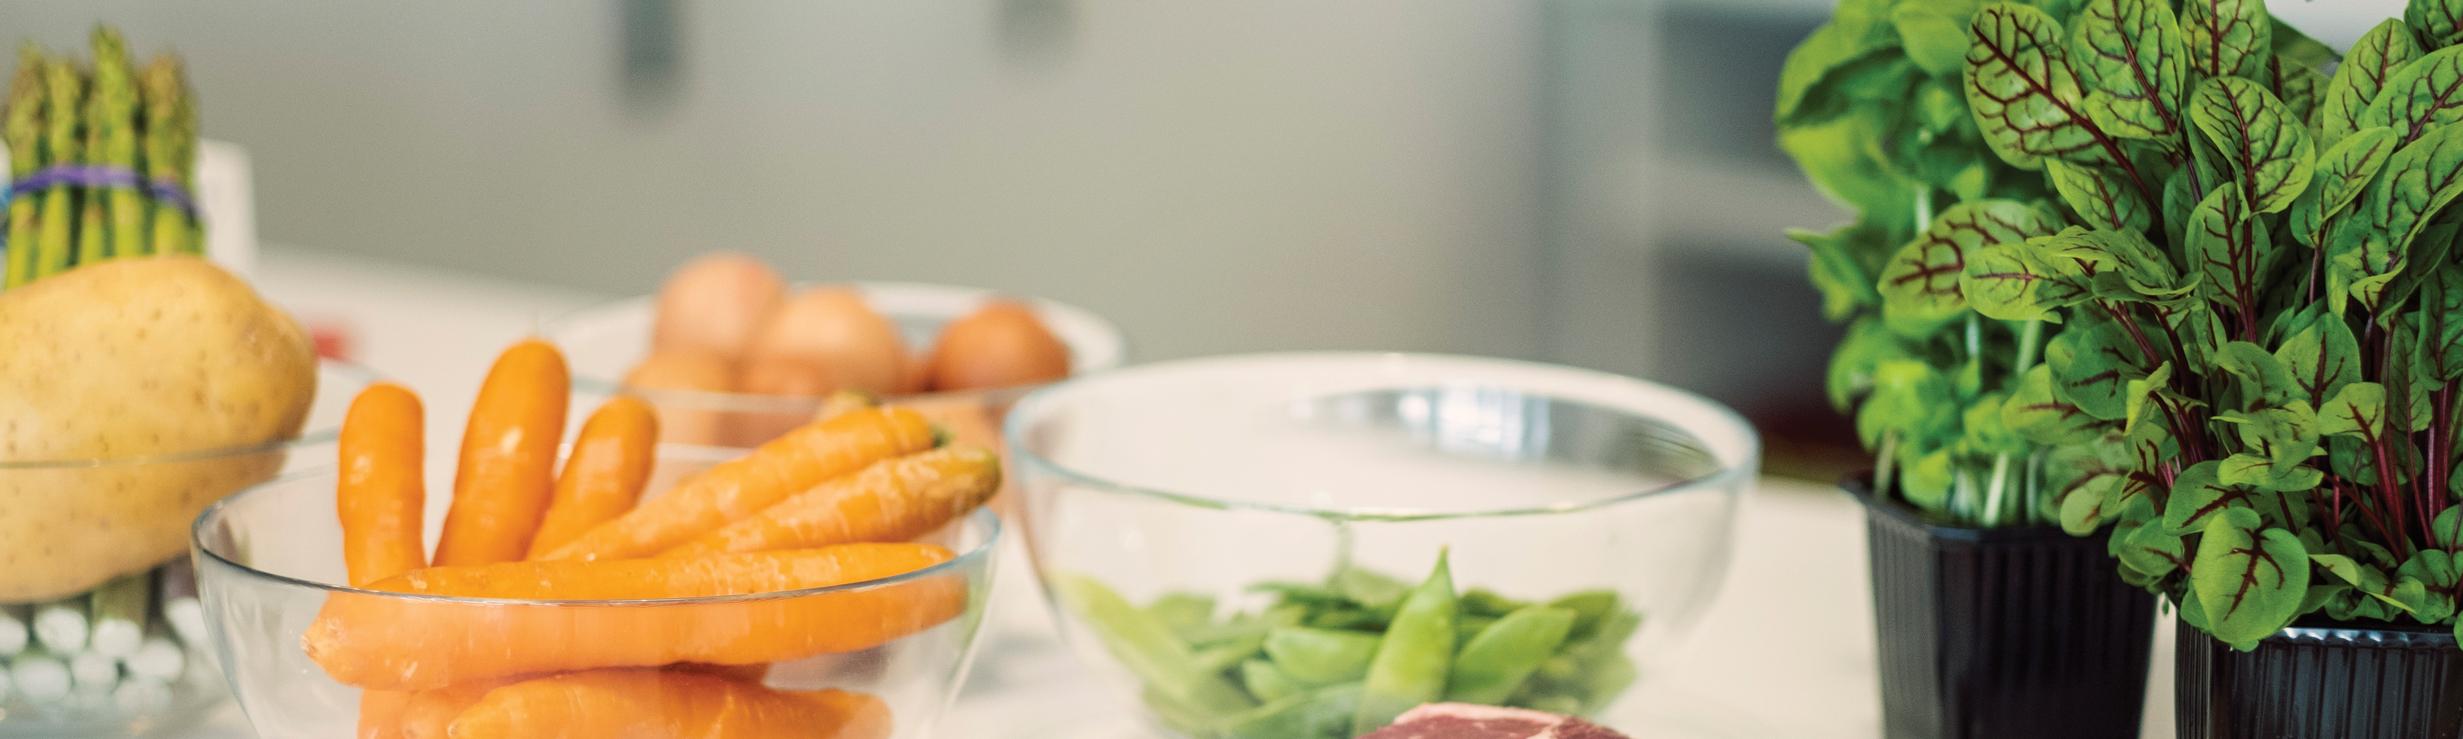 warzywa przygotowane przez kucharza do wynajęcia